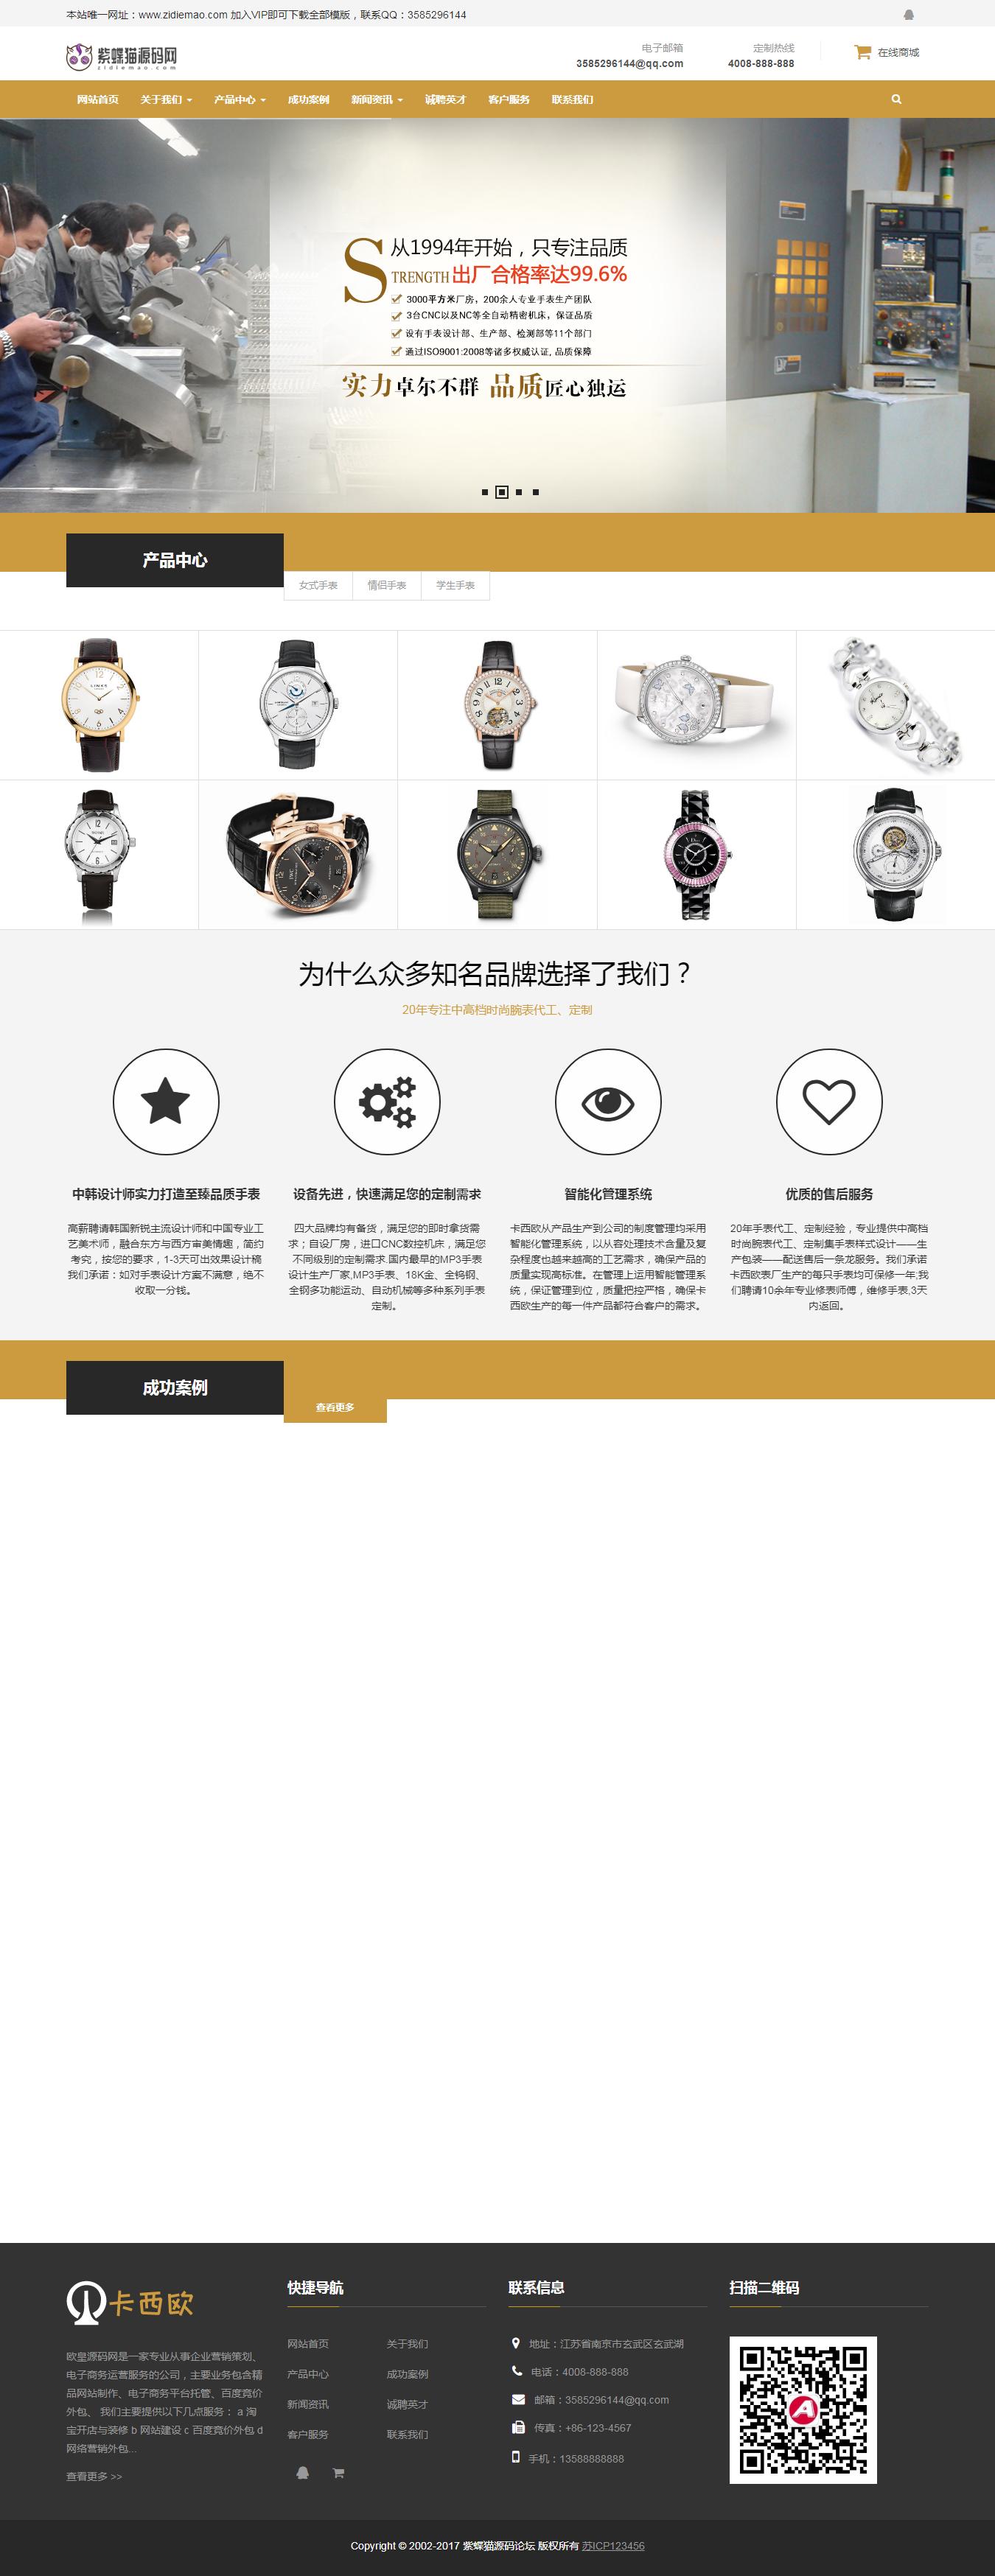 手表网站模板